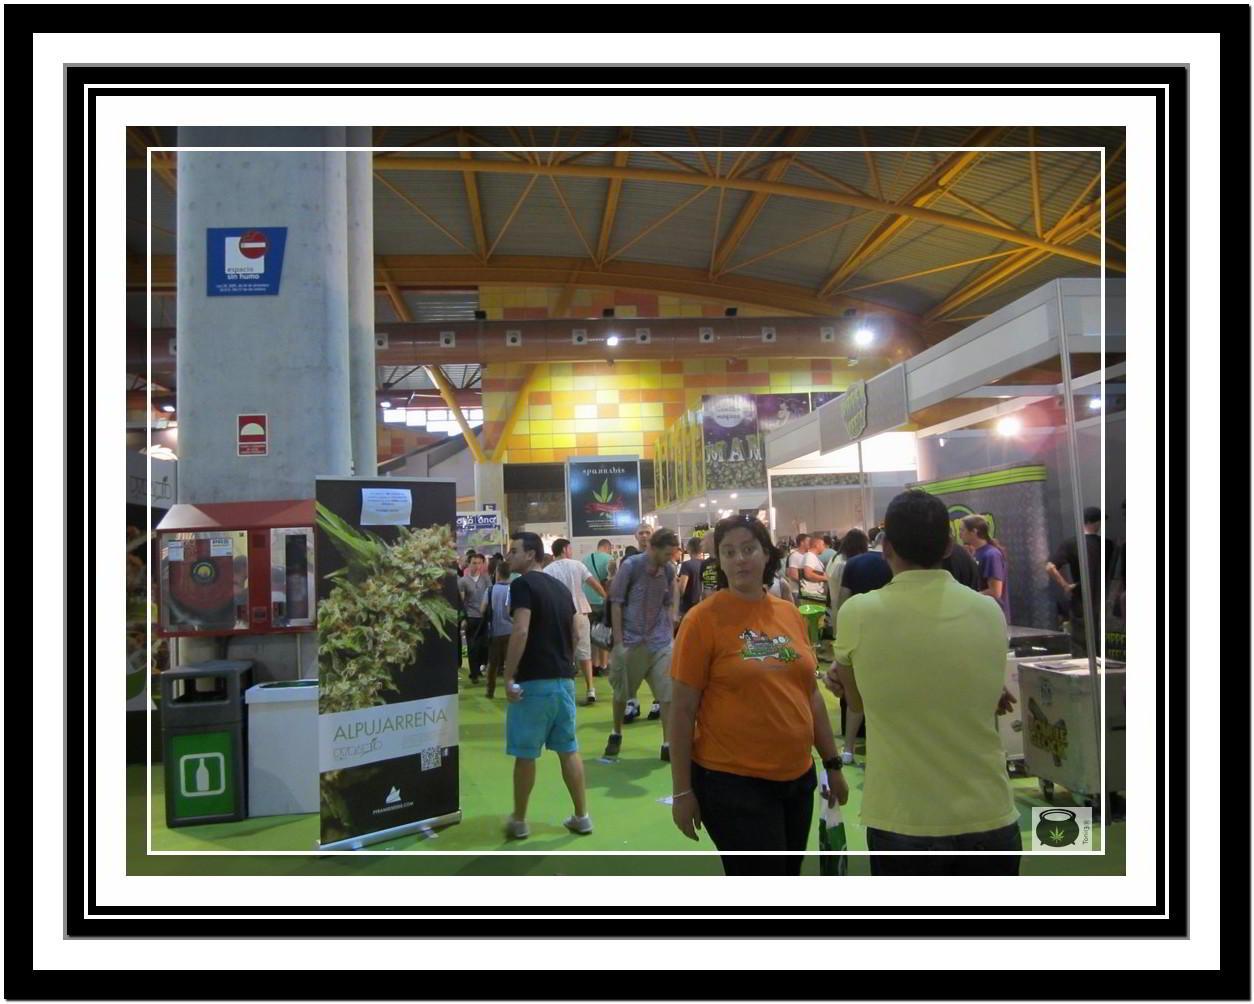 SPANNABIS-SUR-2013021